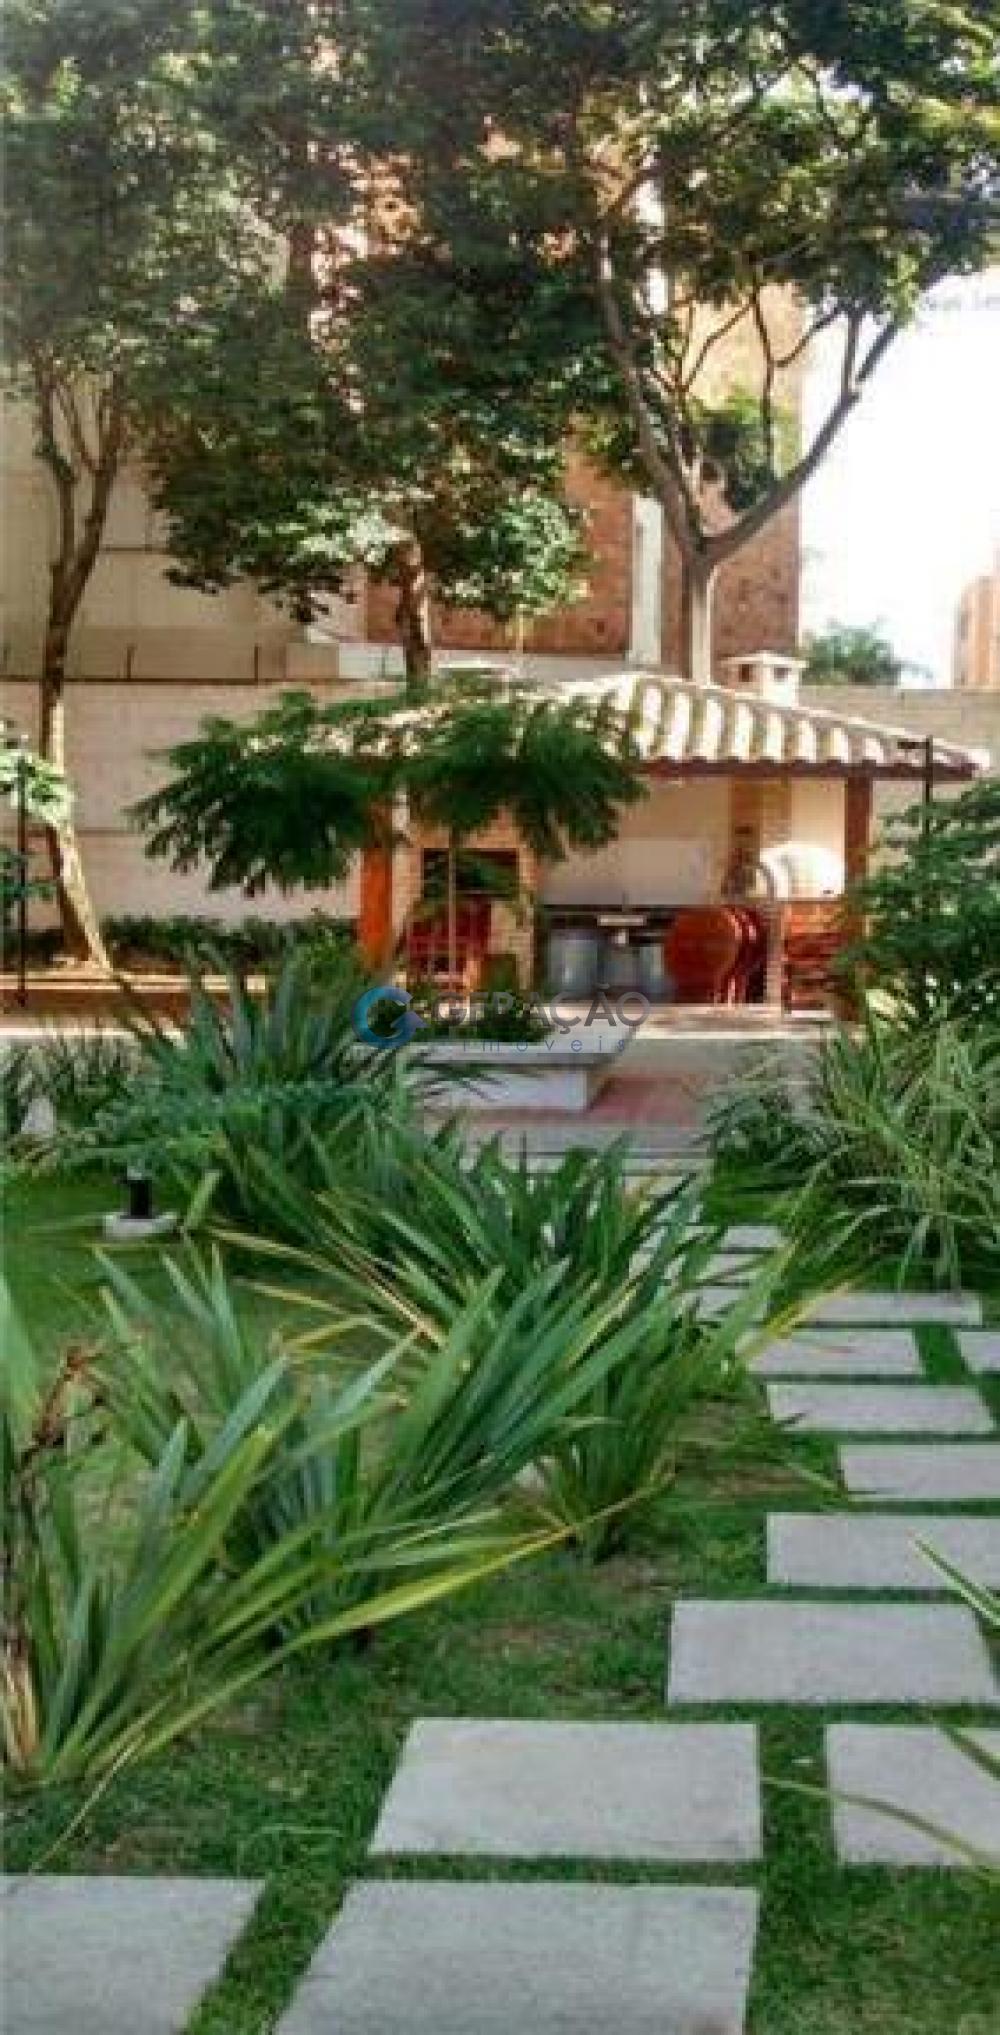 Comprar Apartamento / Padrão em São José dos Campos R$ 265.000,00 - Foto 15